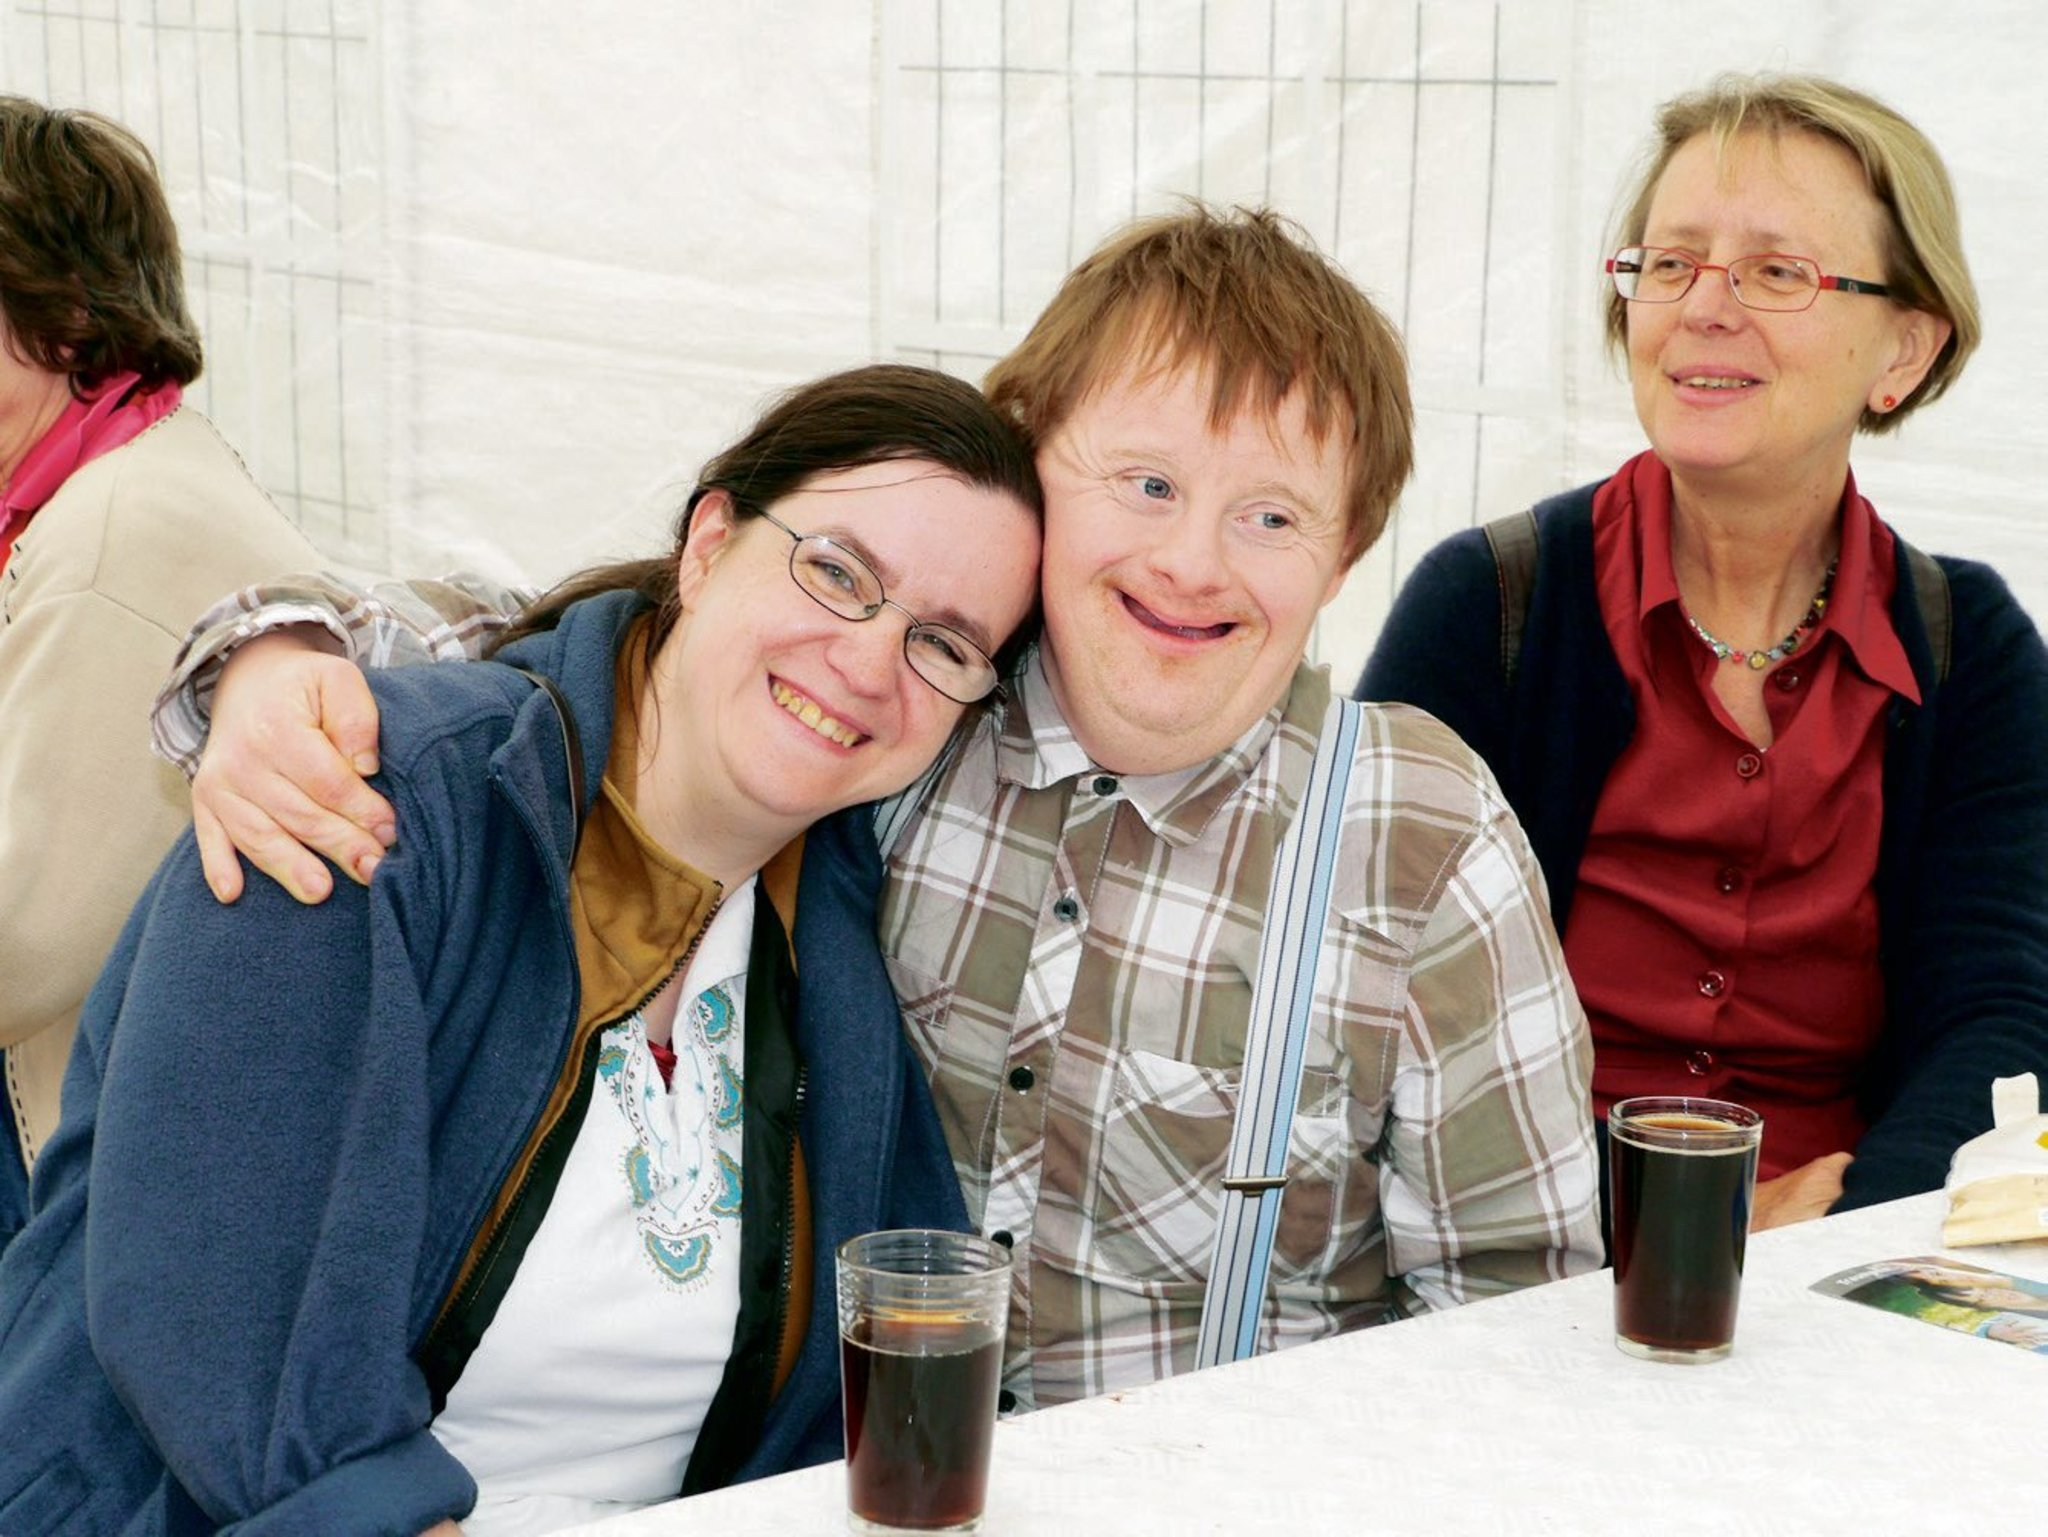 Partnersuche für geistig behinderte menschen